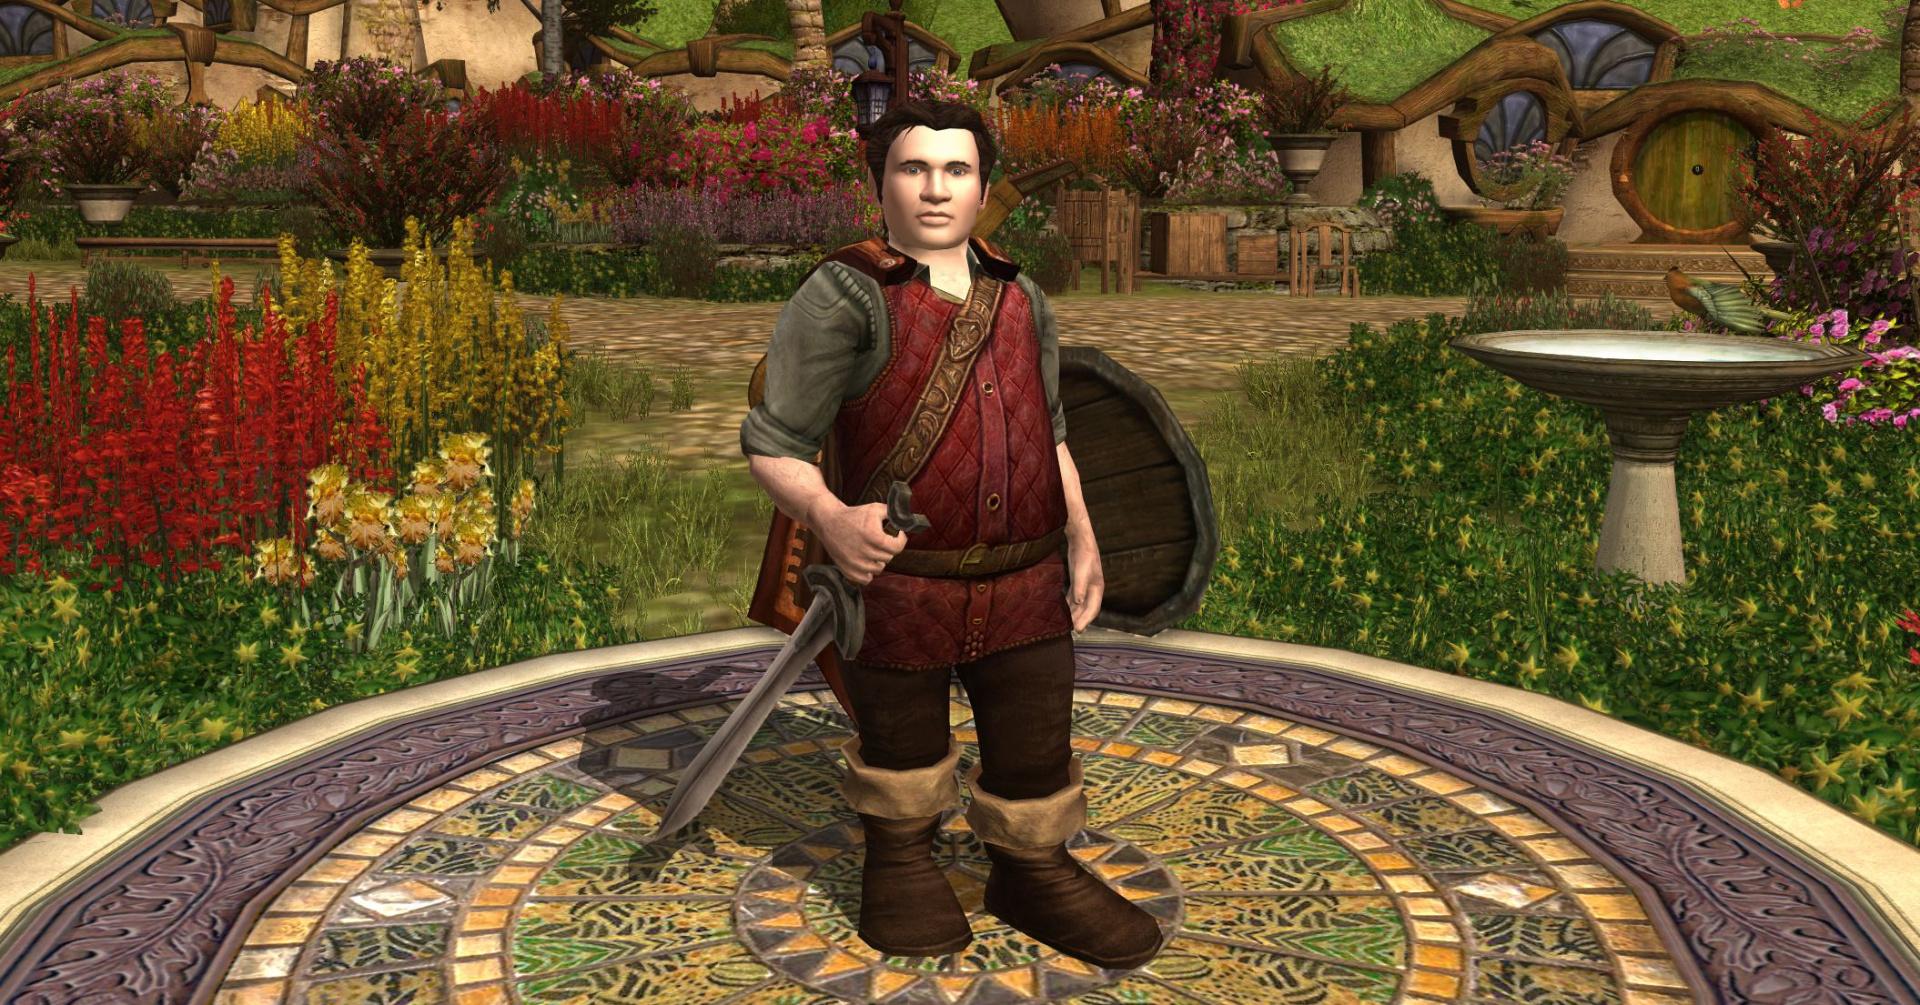 Хоббит в The Lord of the Rings Online прокачался только выпечкой пирогов